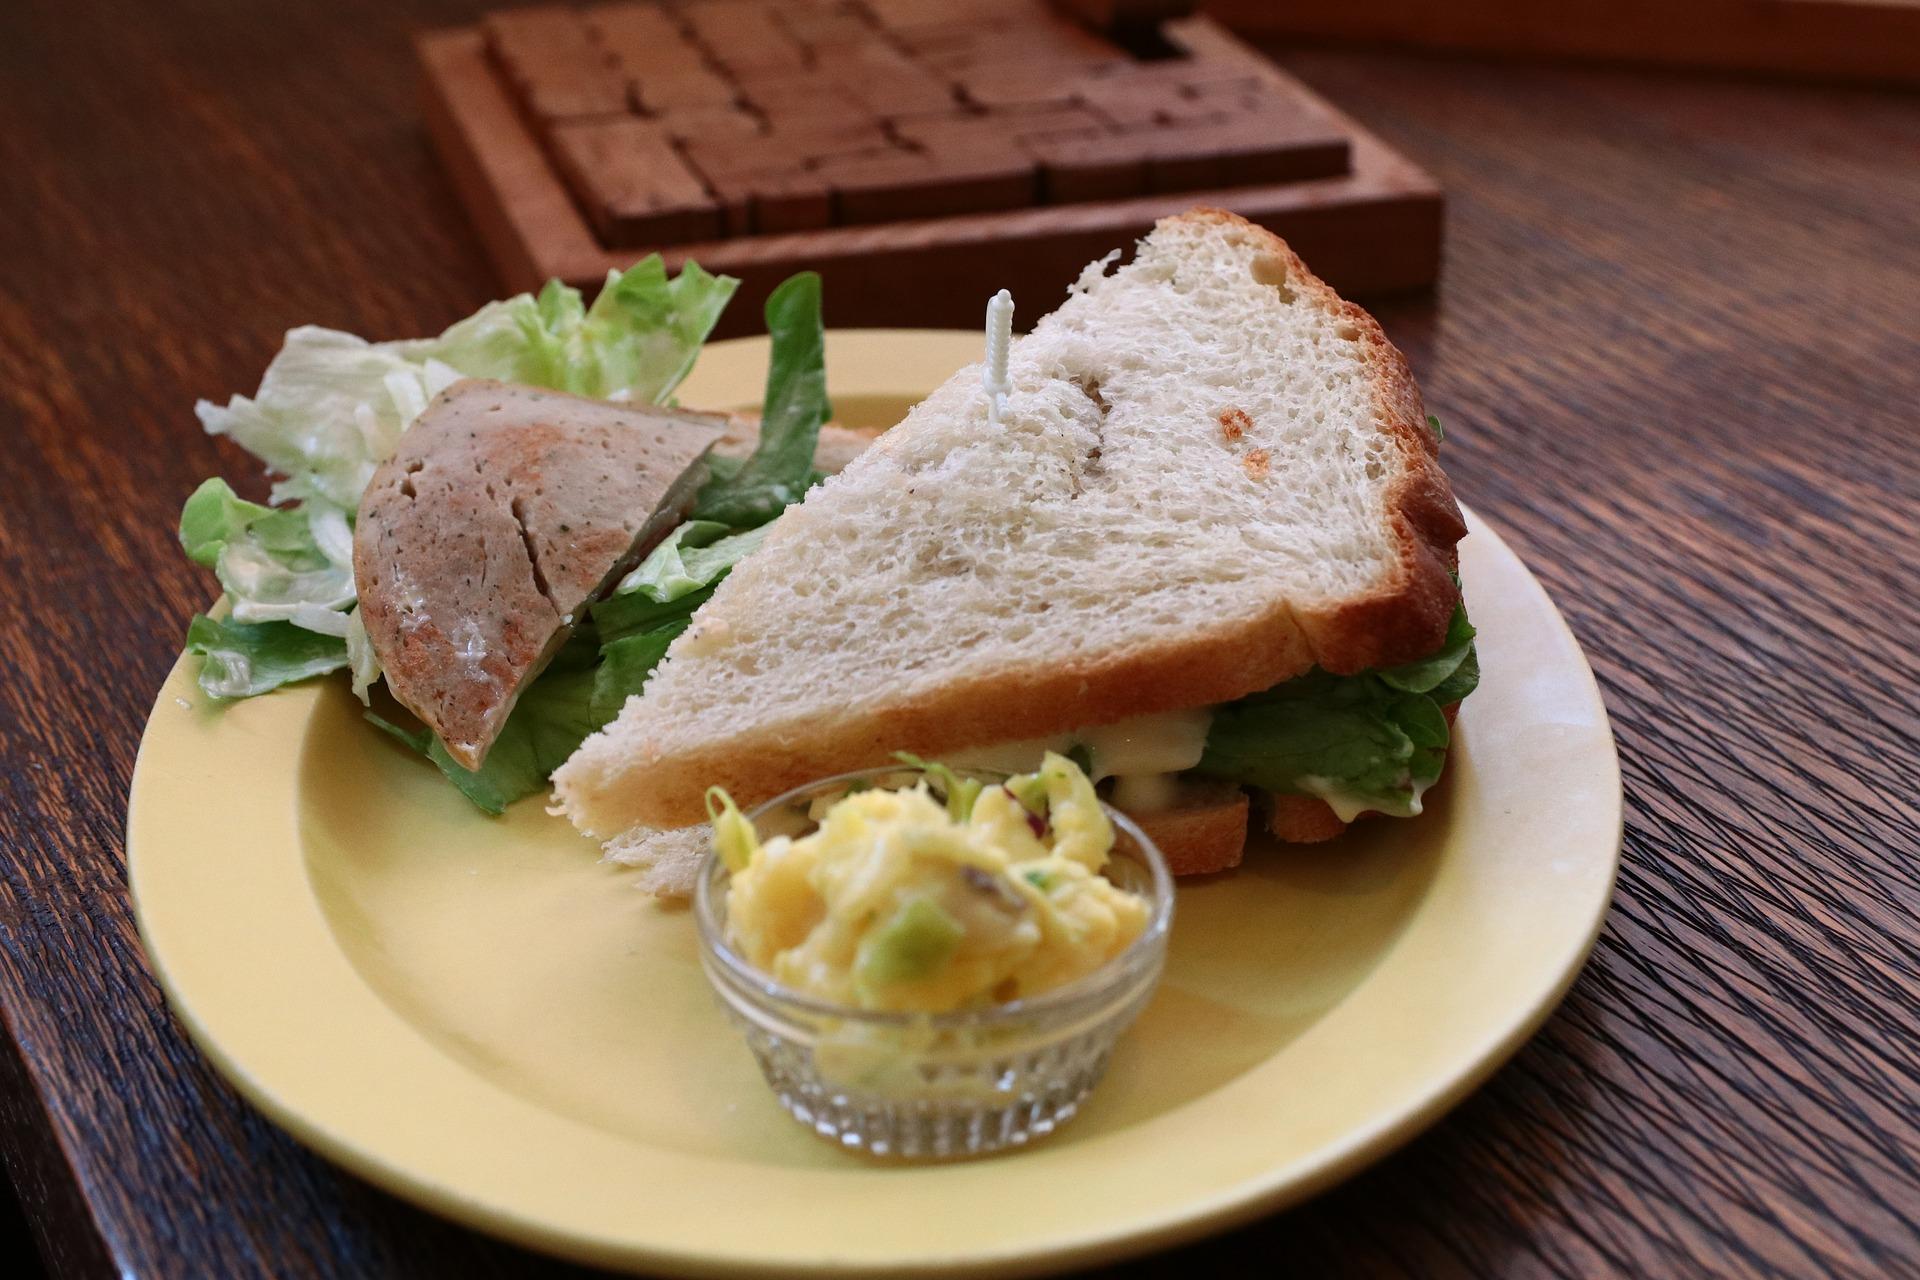 セブンイレブンの新商品をランチに食べよう!新商品サンドイッチ&デザートを紹介